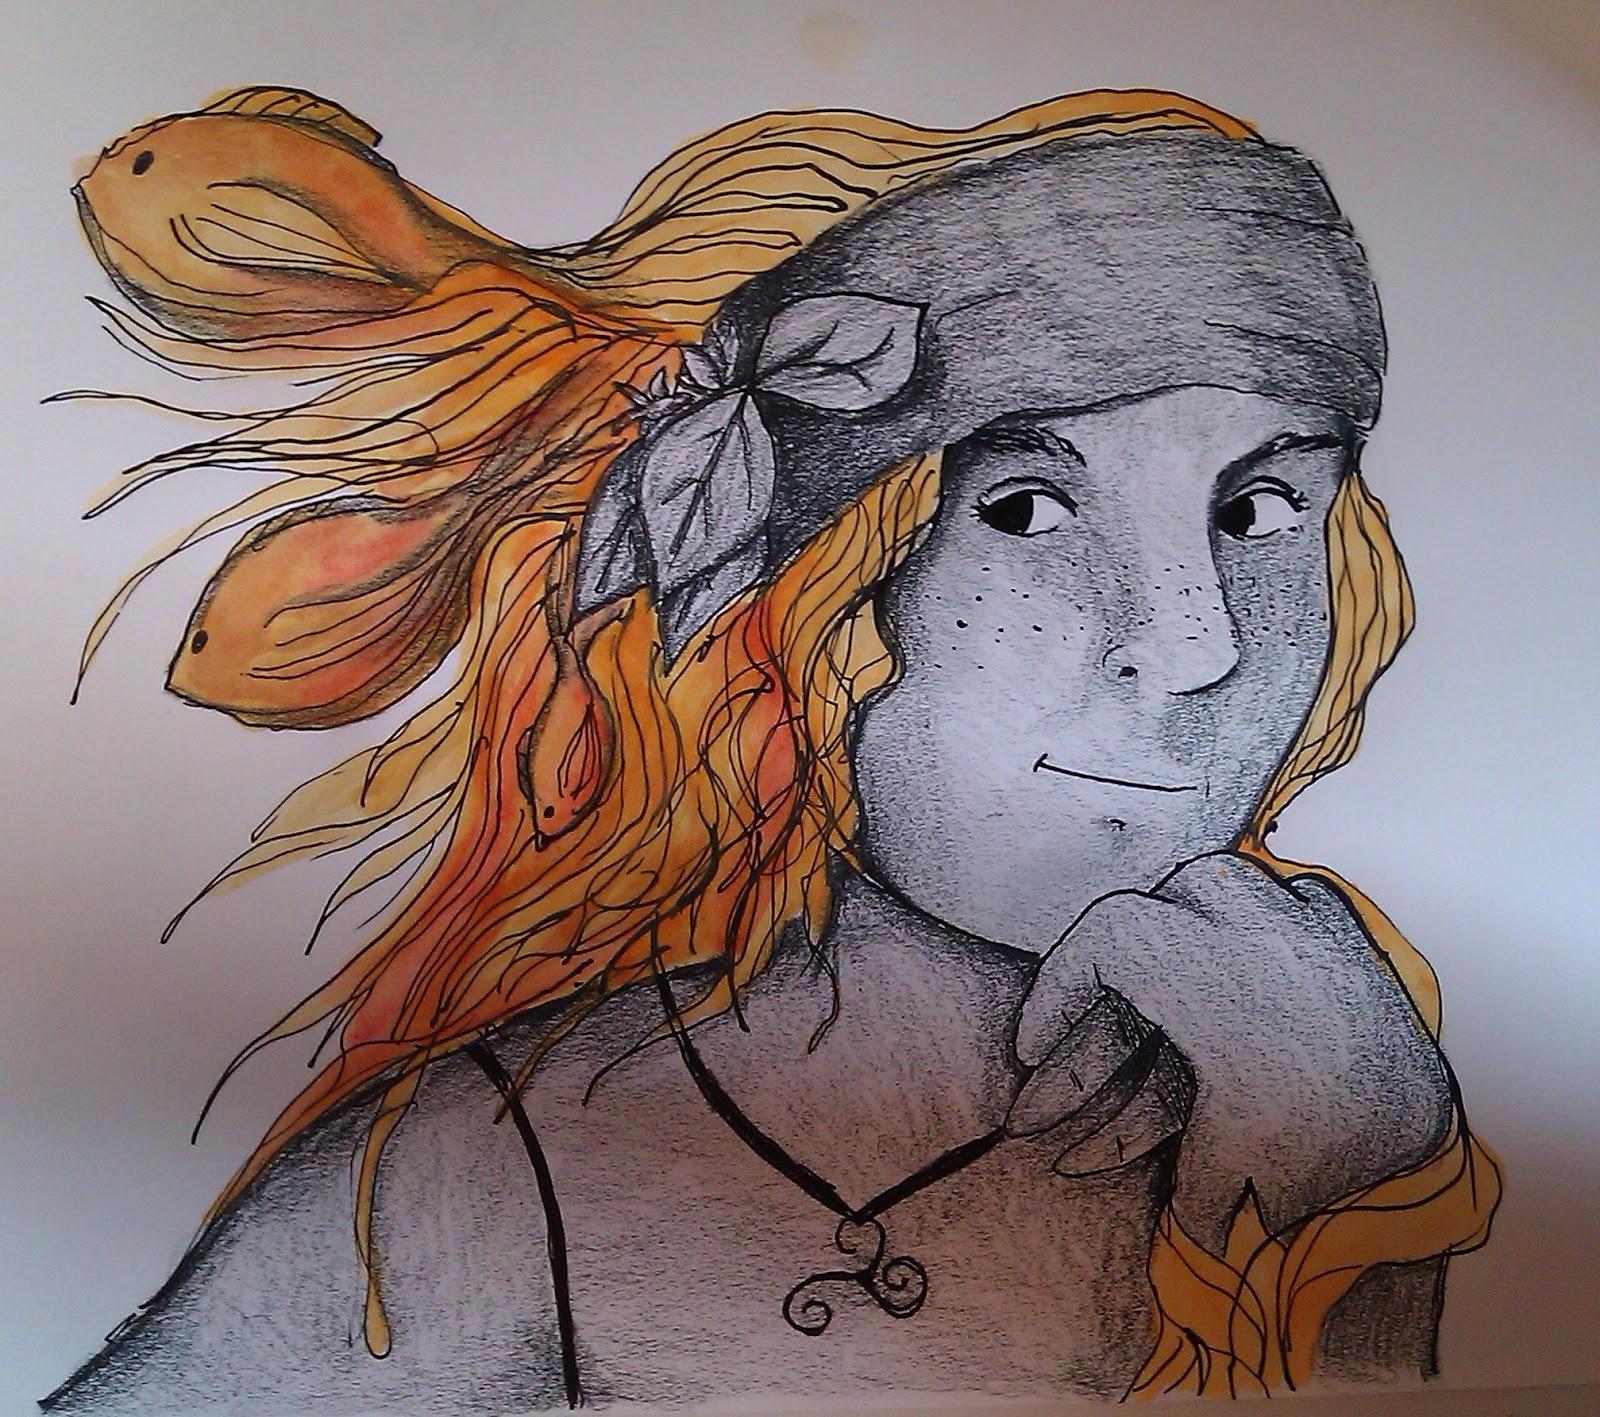 http://4.bp.blogspot.com/-GFtp6n4CDLA/T5Z4wfpBnZI/AAAAAAAABhY/ez7DXxxYZ_w/s1600/zelfportret.jpg